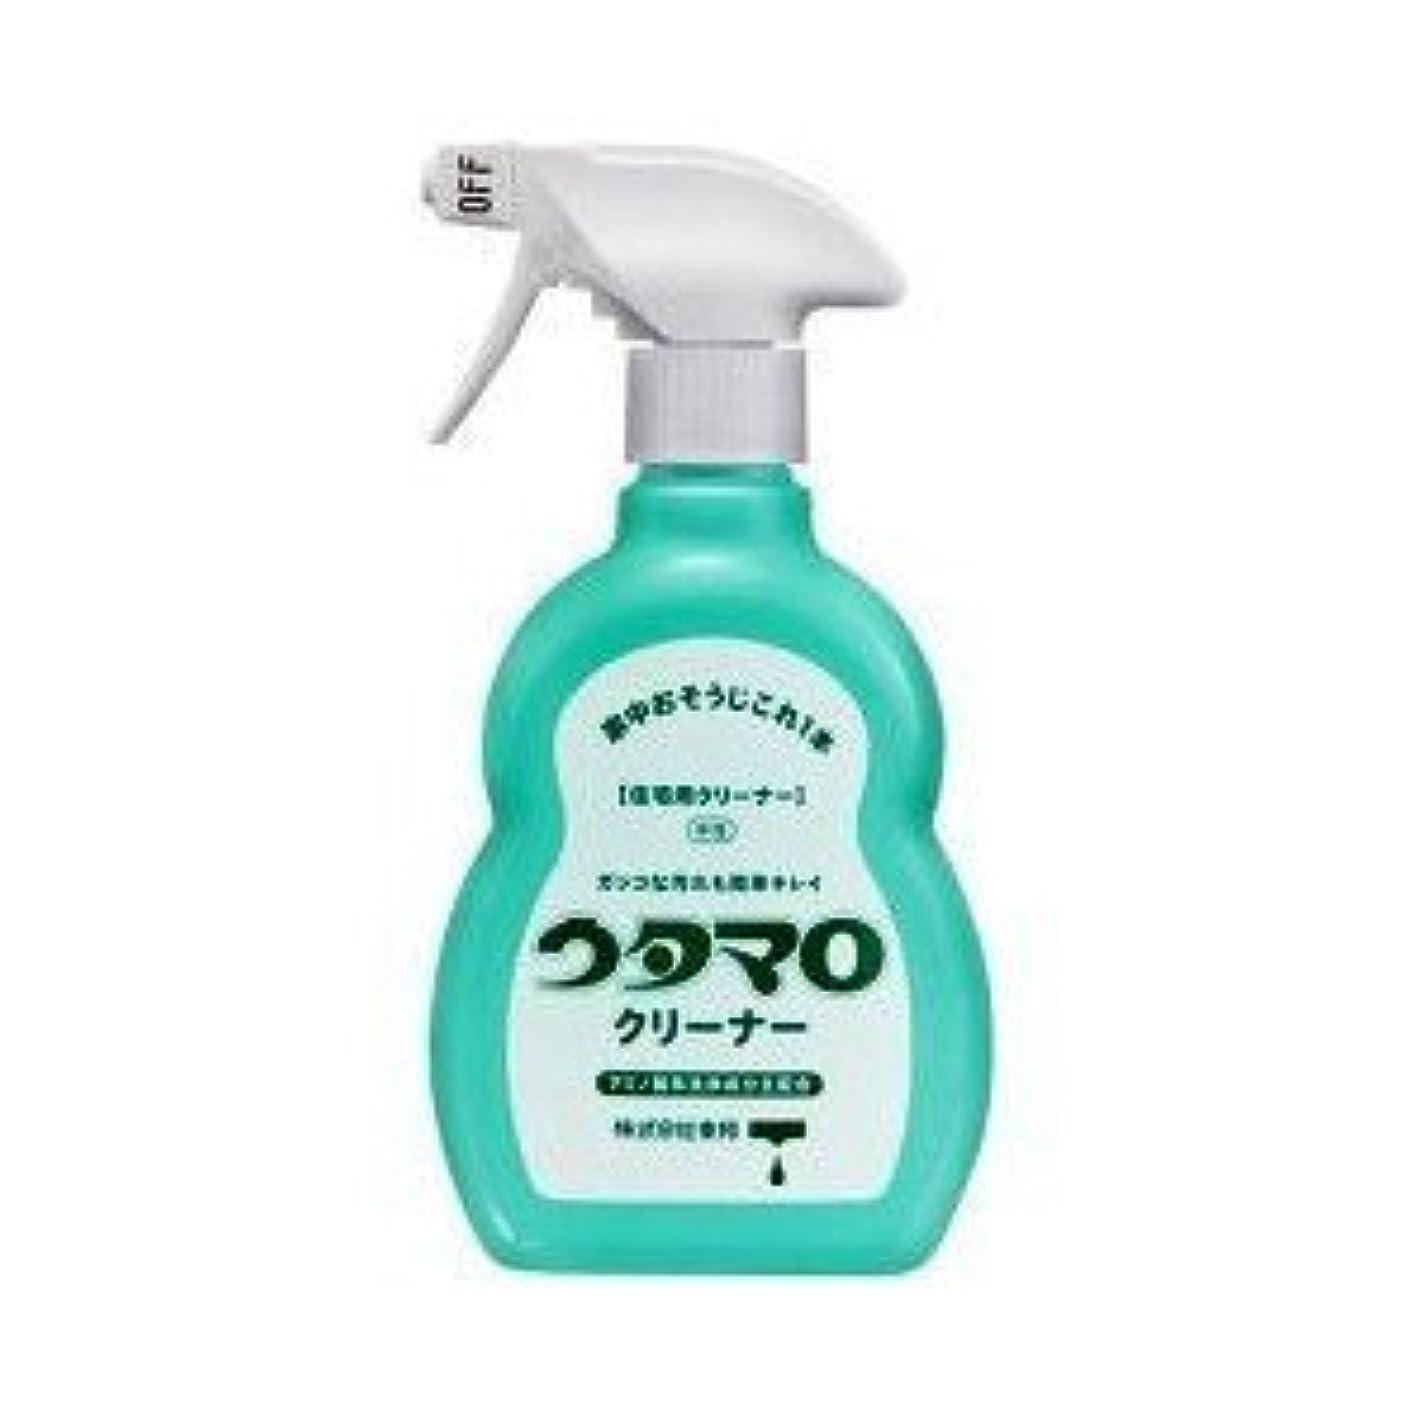 合理的縮れた栄養ウタマロ クリーナー 400ml 洗剤 住居用 アミノ酸系洗浄成分主配合 さわやかなグリーンハーブの香り